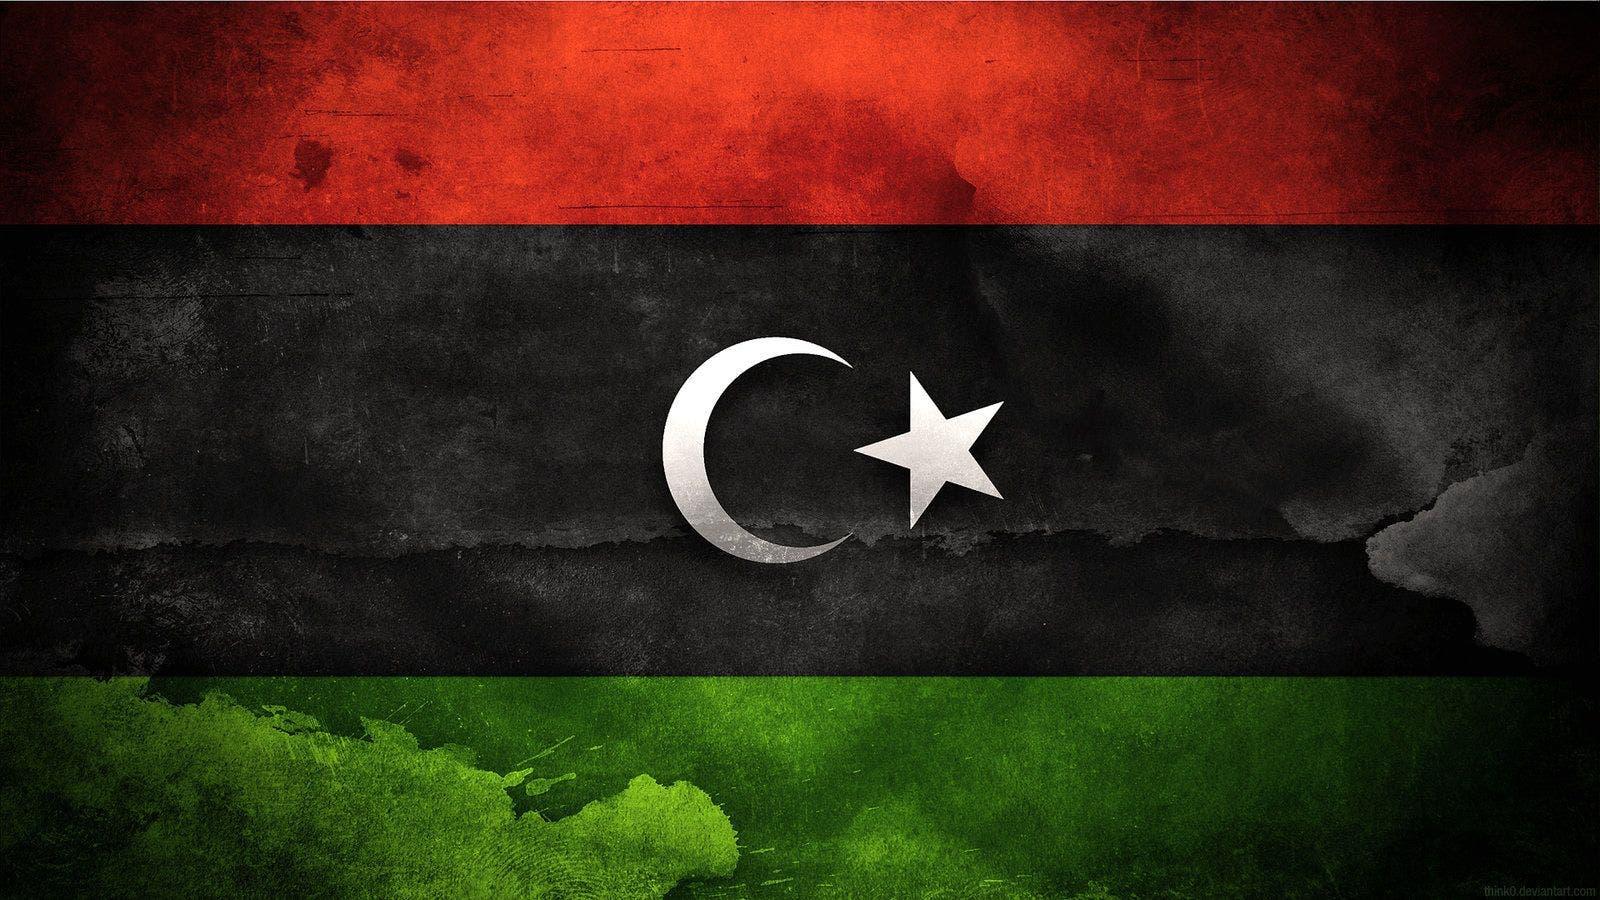 Sababihii burburka Libya iyo danaha quwadaha isku haya